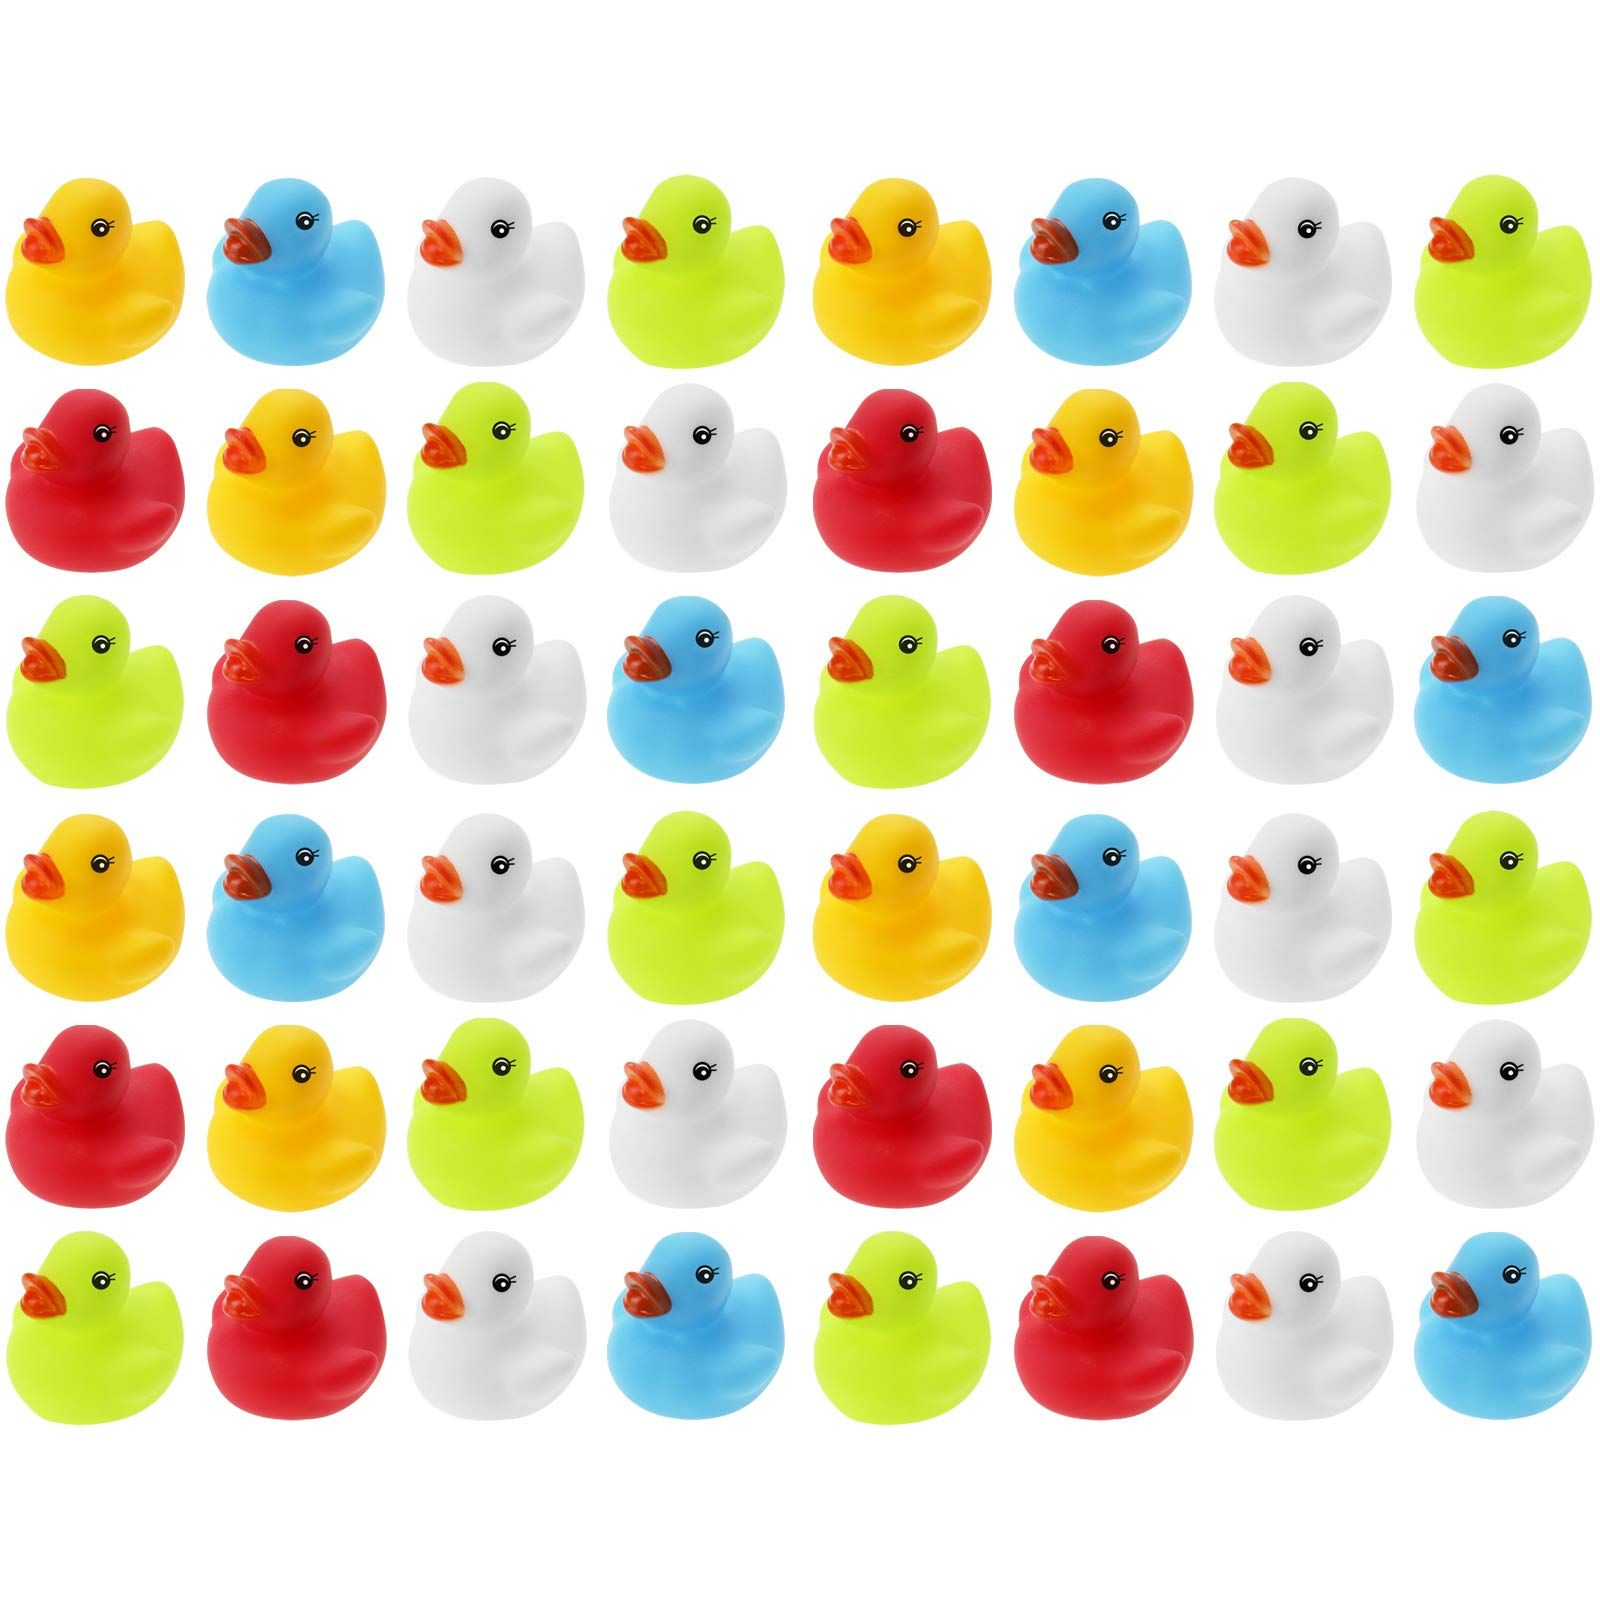 4PCS,Rosa Liebe HahaGo Baby Stoffwindel waschbar wiederverwendbare Windeln All-in-One-Taschenwindel f/ür die meisten Babys und Kleinkinder